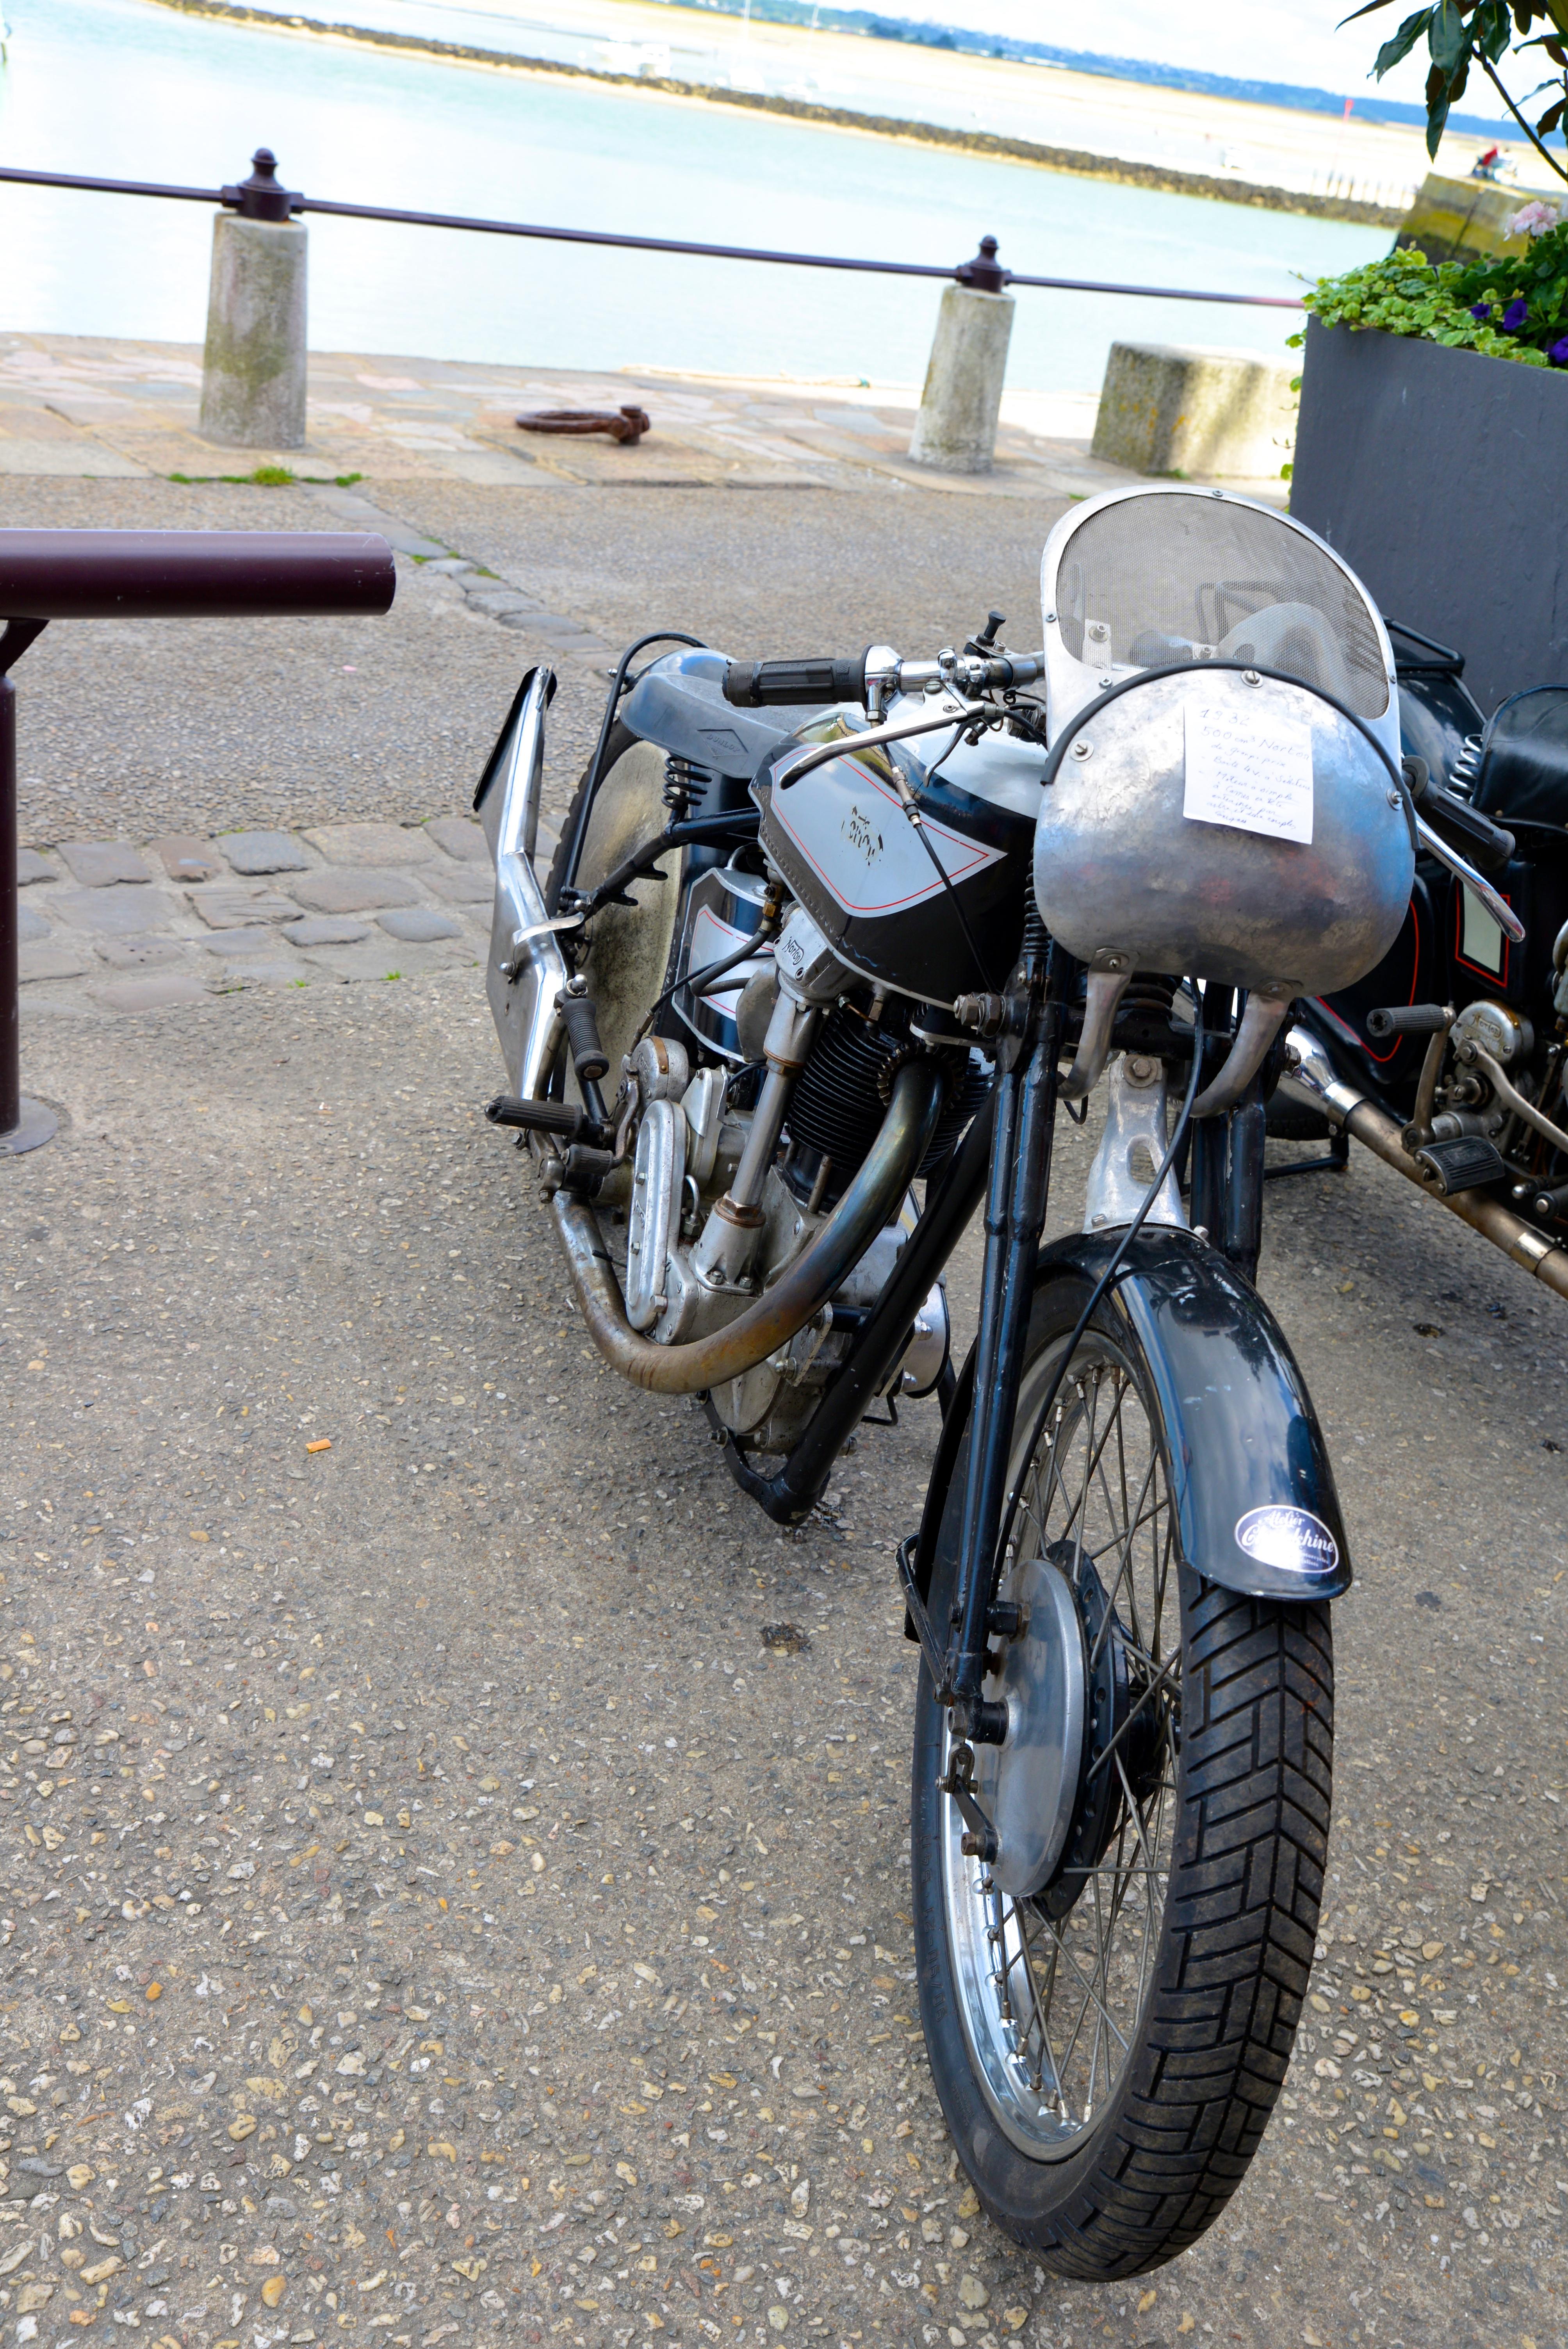 Ducati n'a pas toujours fait des belles motos rouges !!! SpozJH